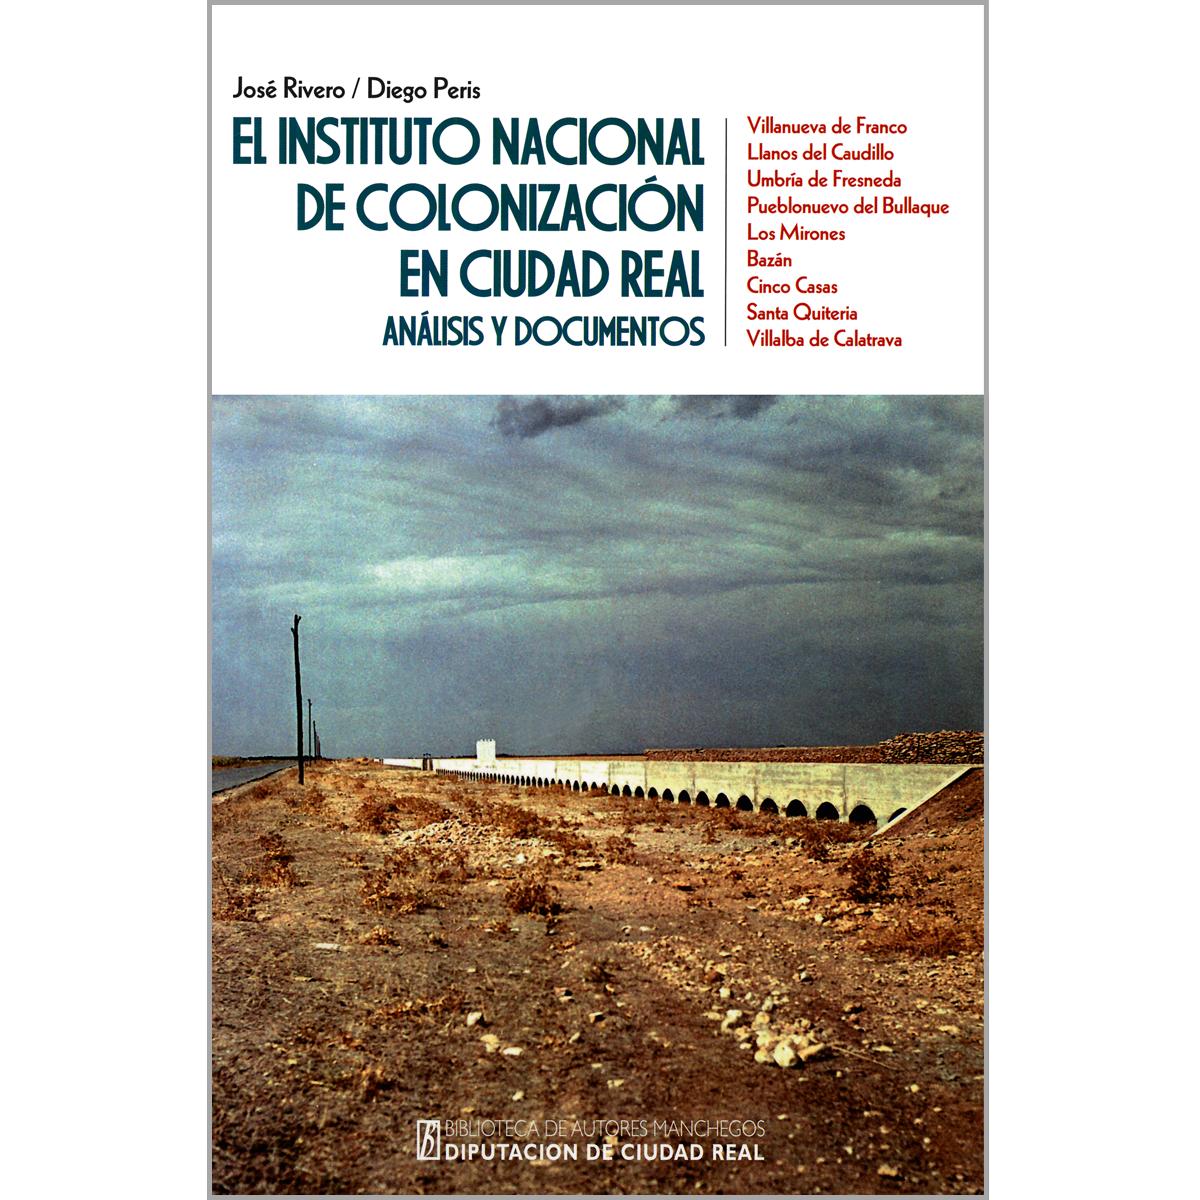 El Instituto Nacional de Colonización en Ciudad Real